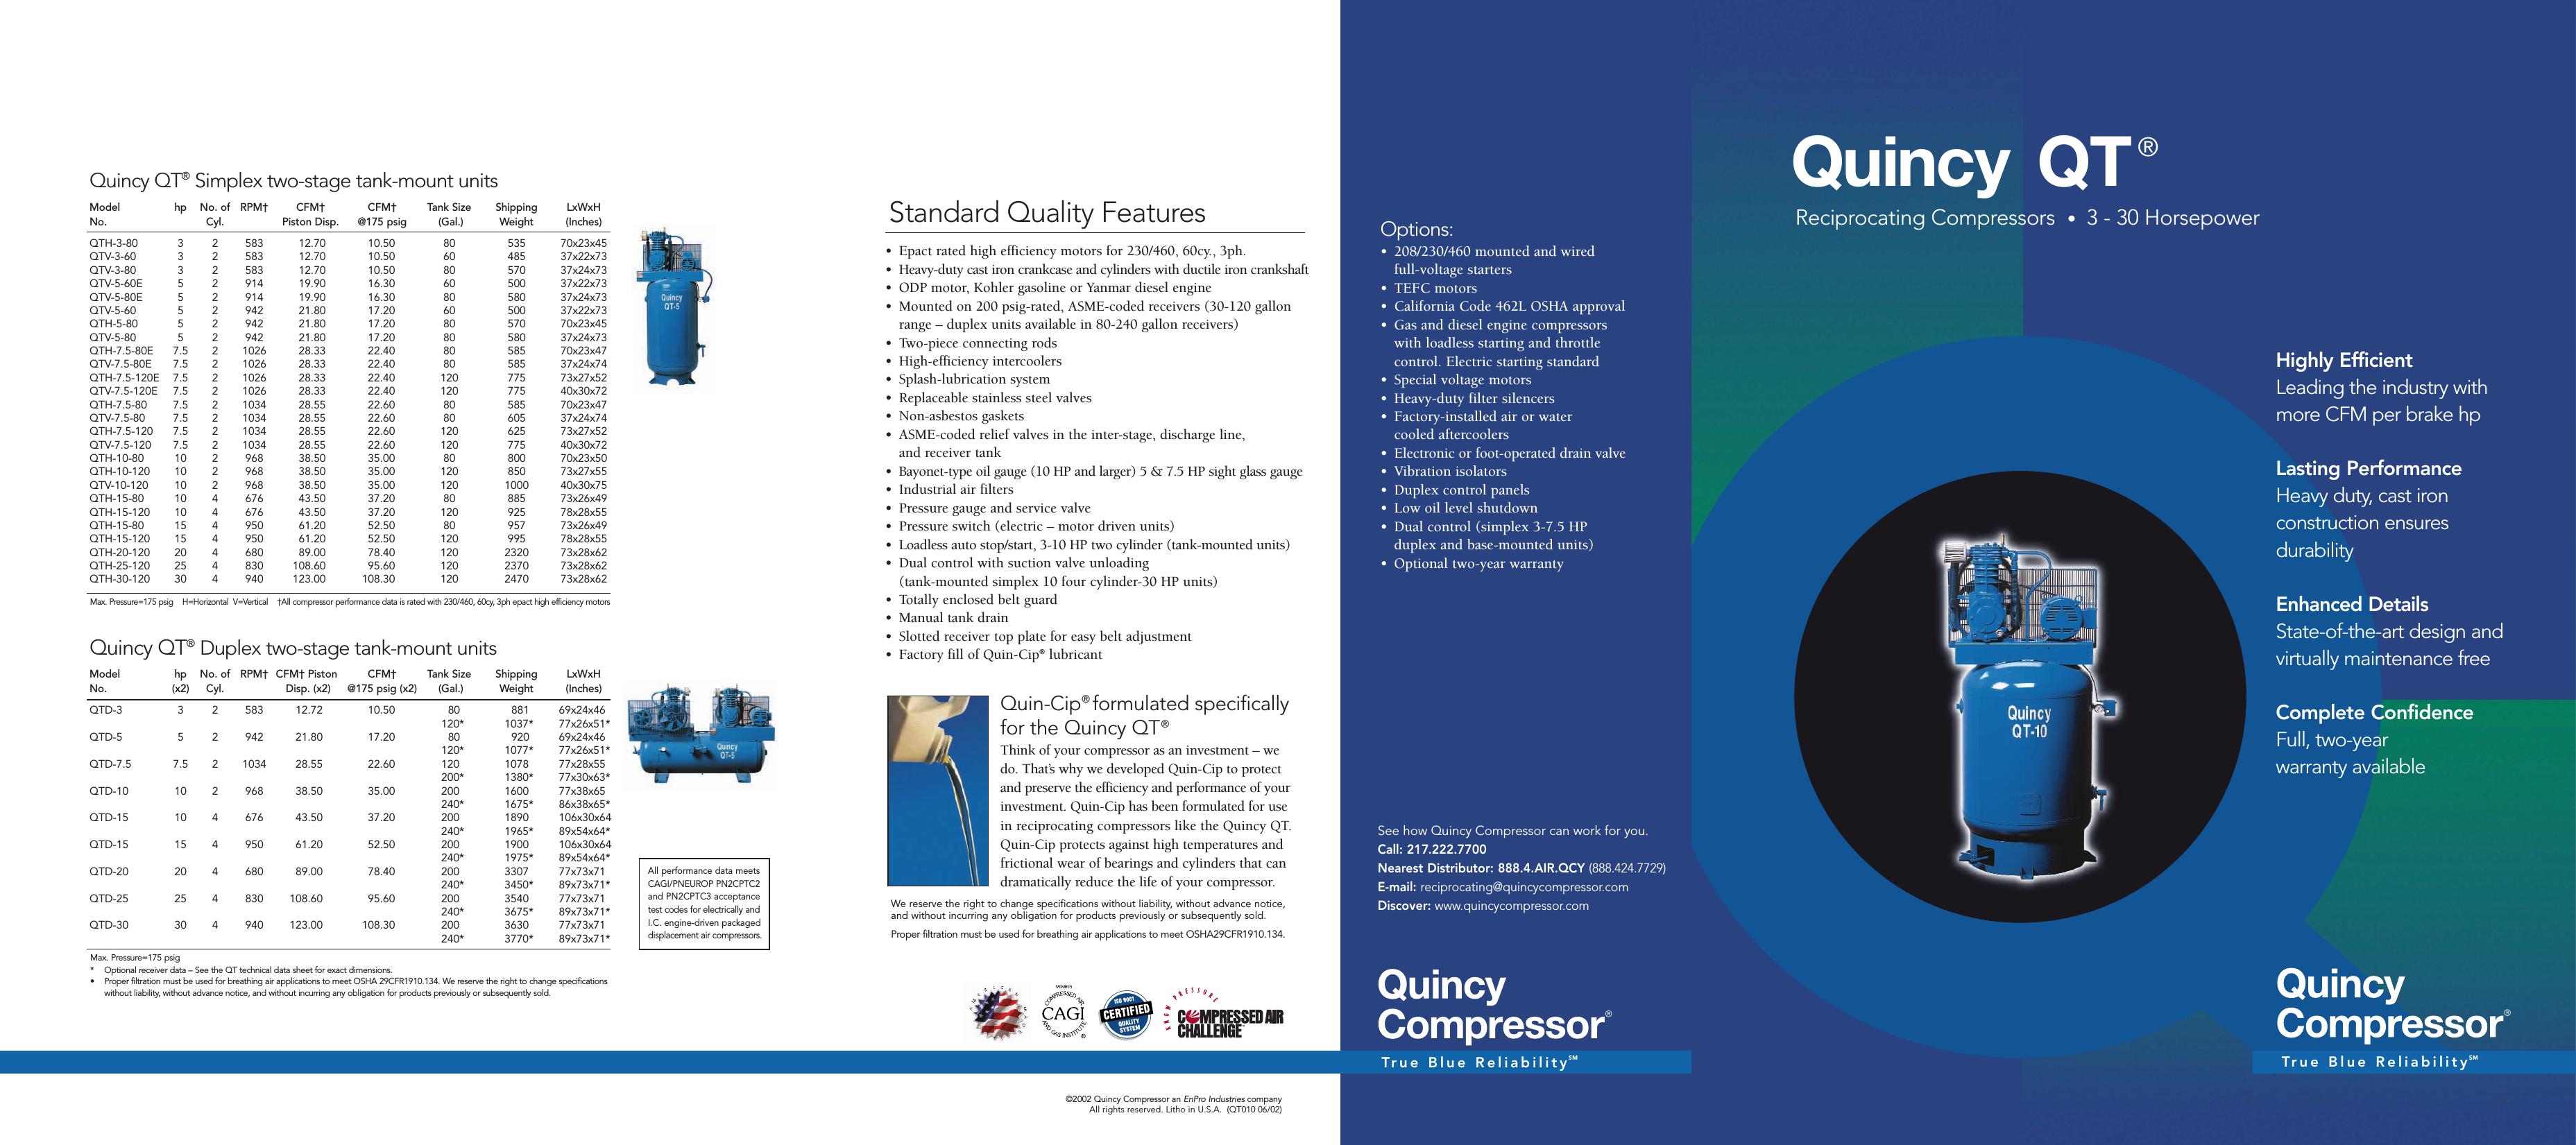 00qncy 014 Qtbrochure 6 02 Quincy Qt 3 30hp Brochure Compressor 10 Wiring Diagram